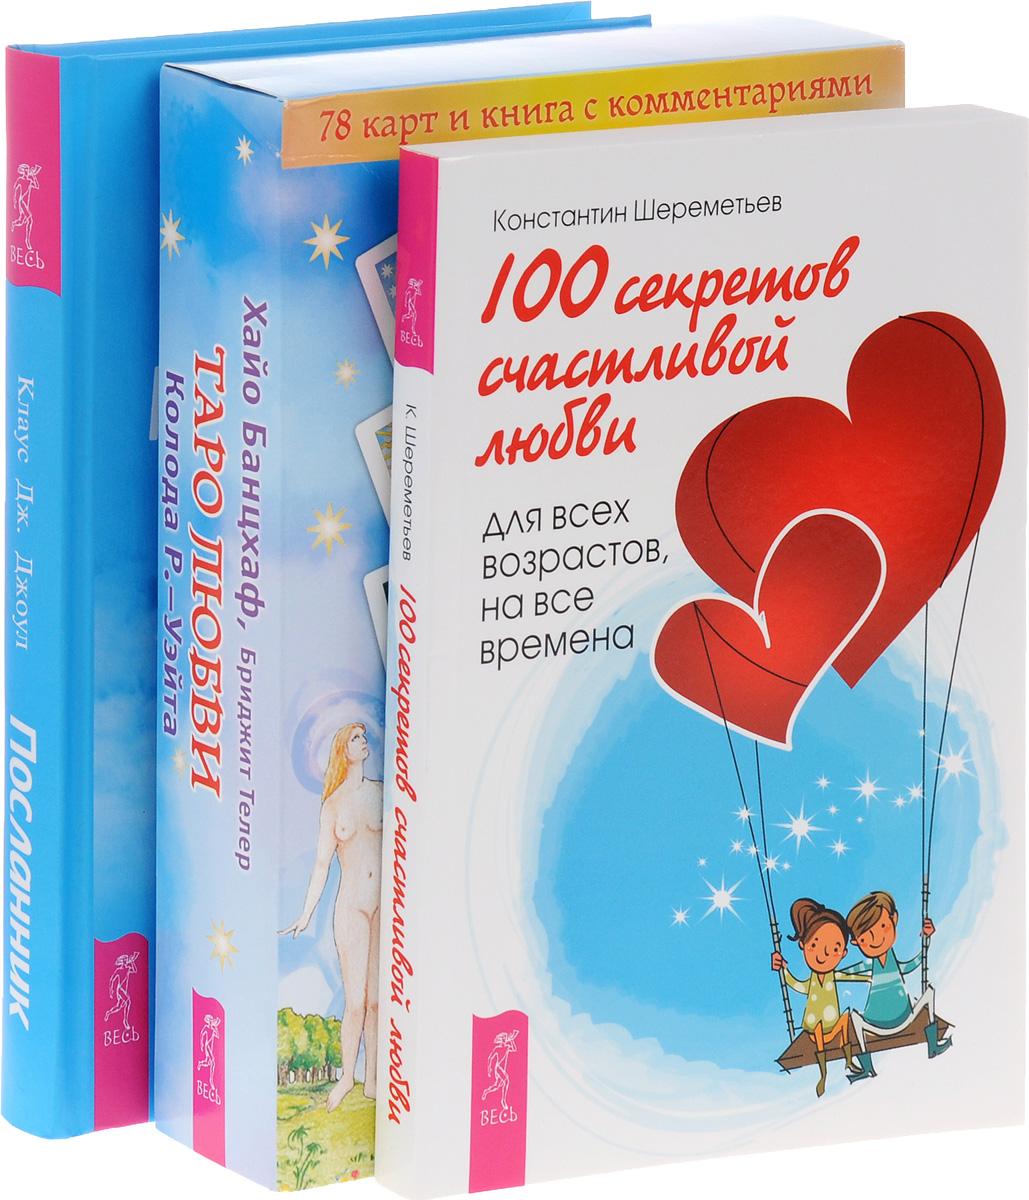 100 секретов счастливой любви. Для всех возрастов, на все времена. Таро любви. (+ колода из 78 карт и книга с комментариями). Посланник. Правдивая история про любовь